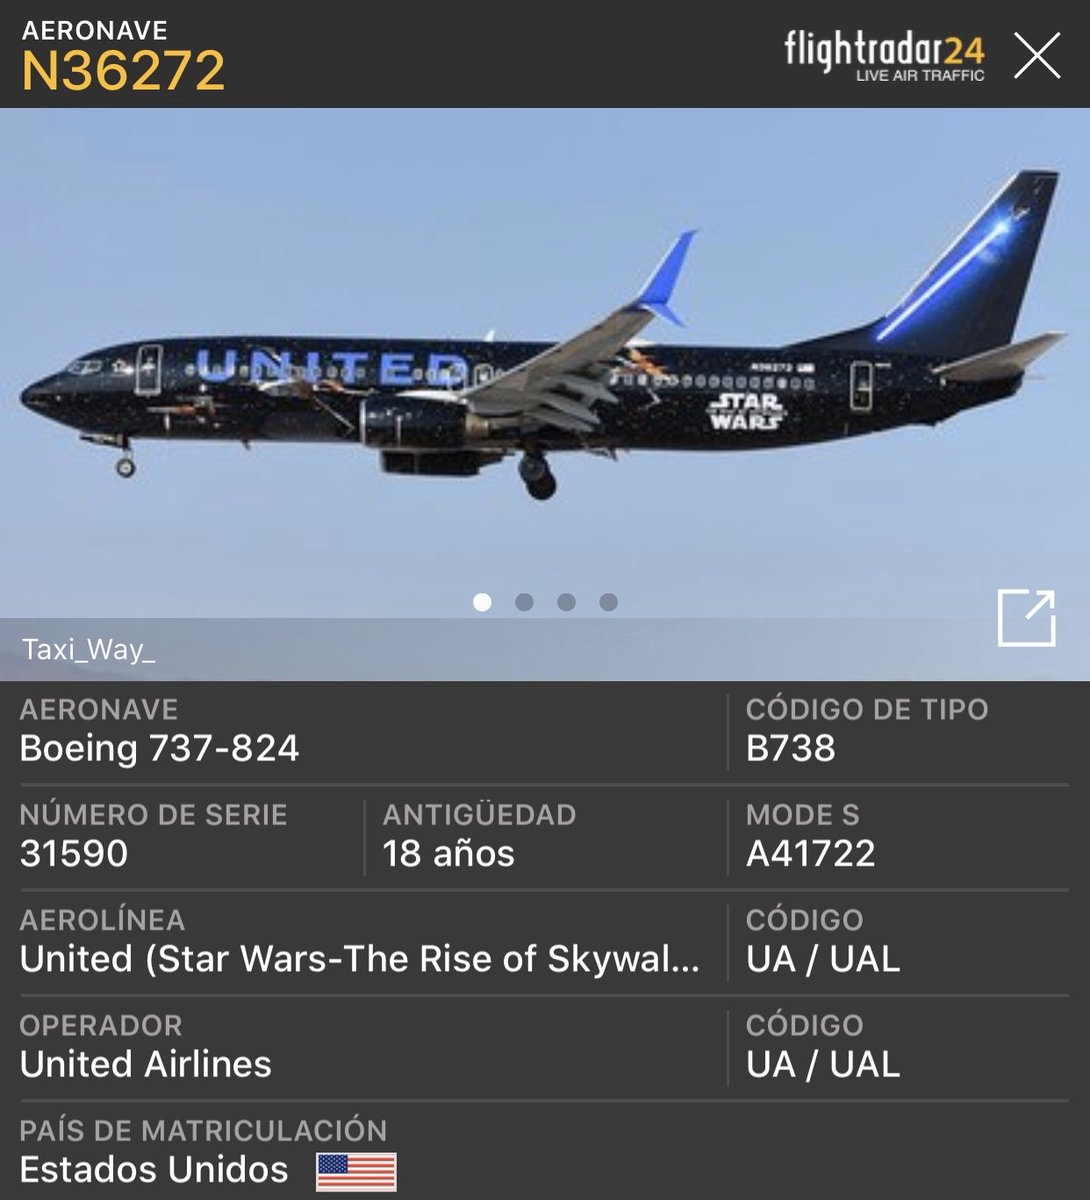 Ya como en 20 minutos, aterriza en PTY, el vuelo UA1855, de #StarWarsTheRiseOfSkywalker 😎 Usted se montaría con Darth Vader de Piloto? 😃😂